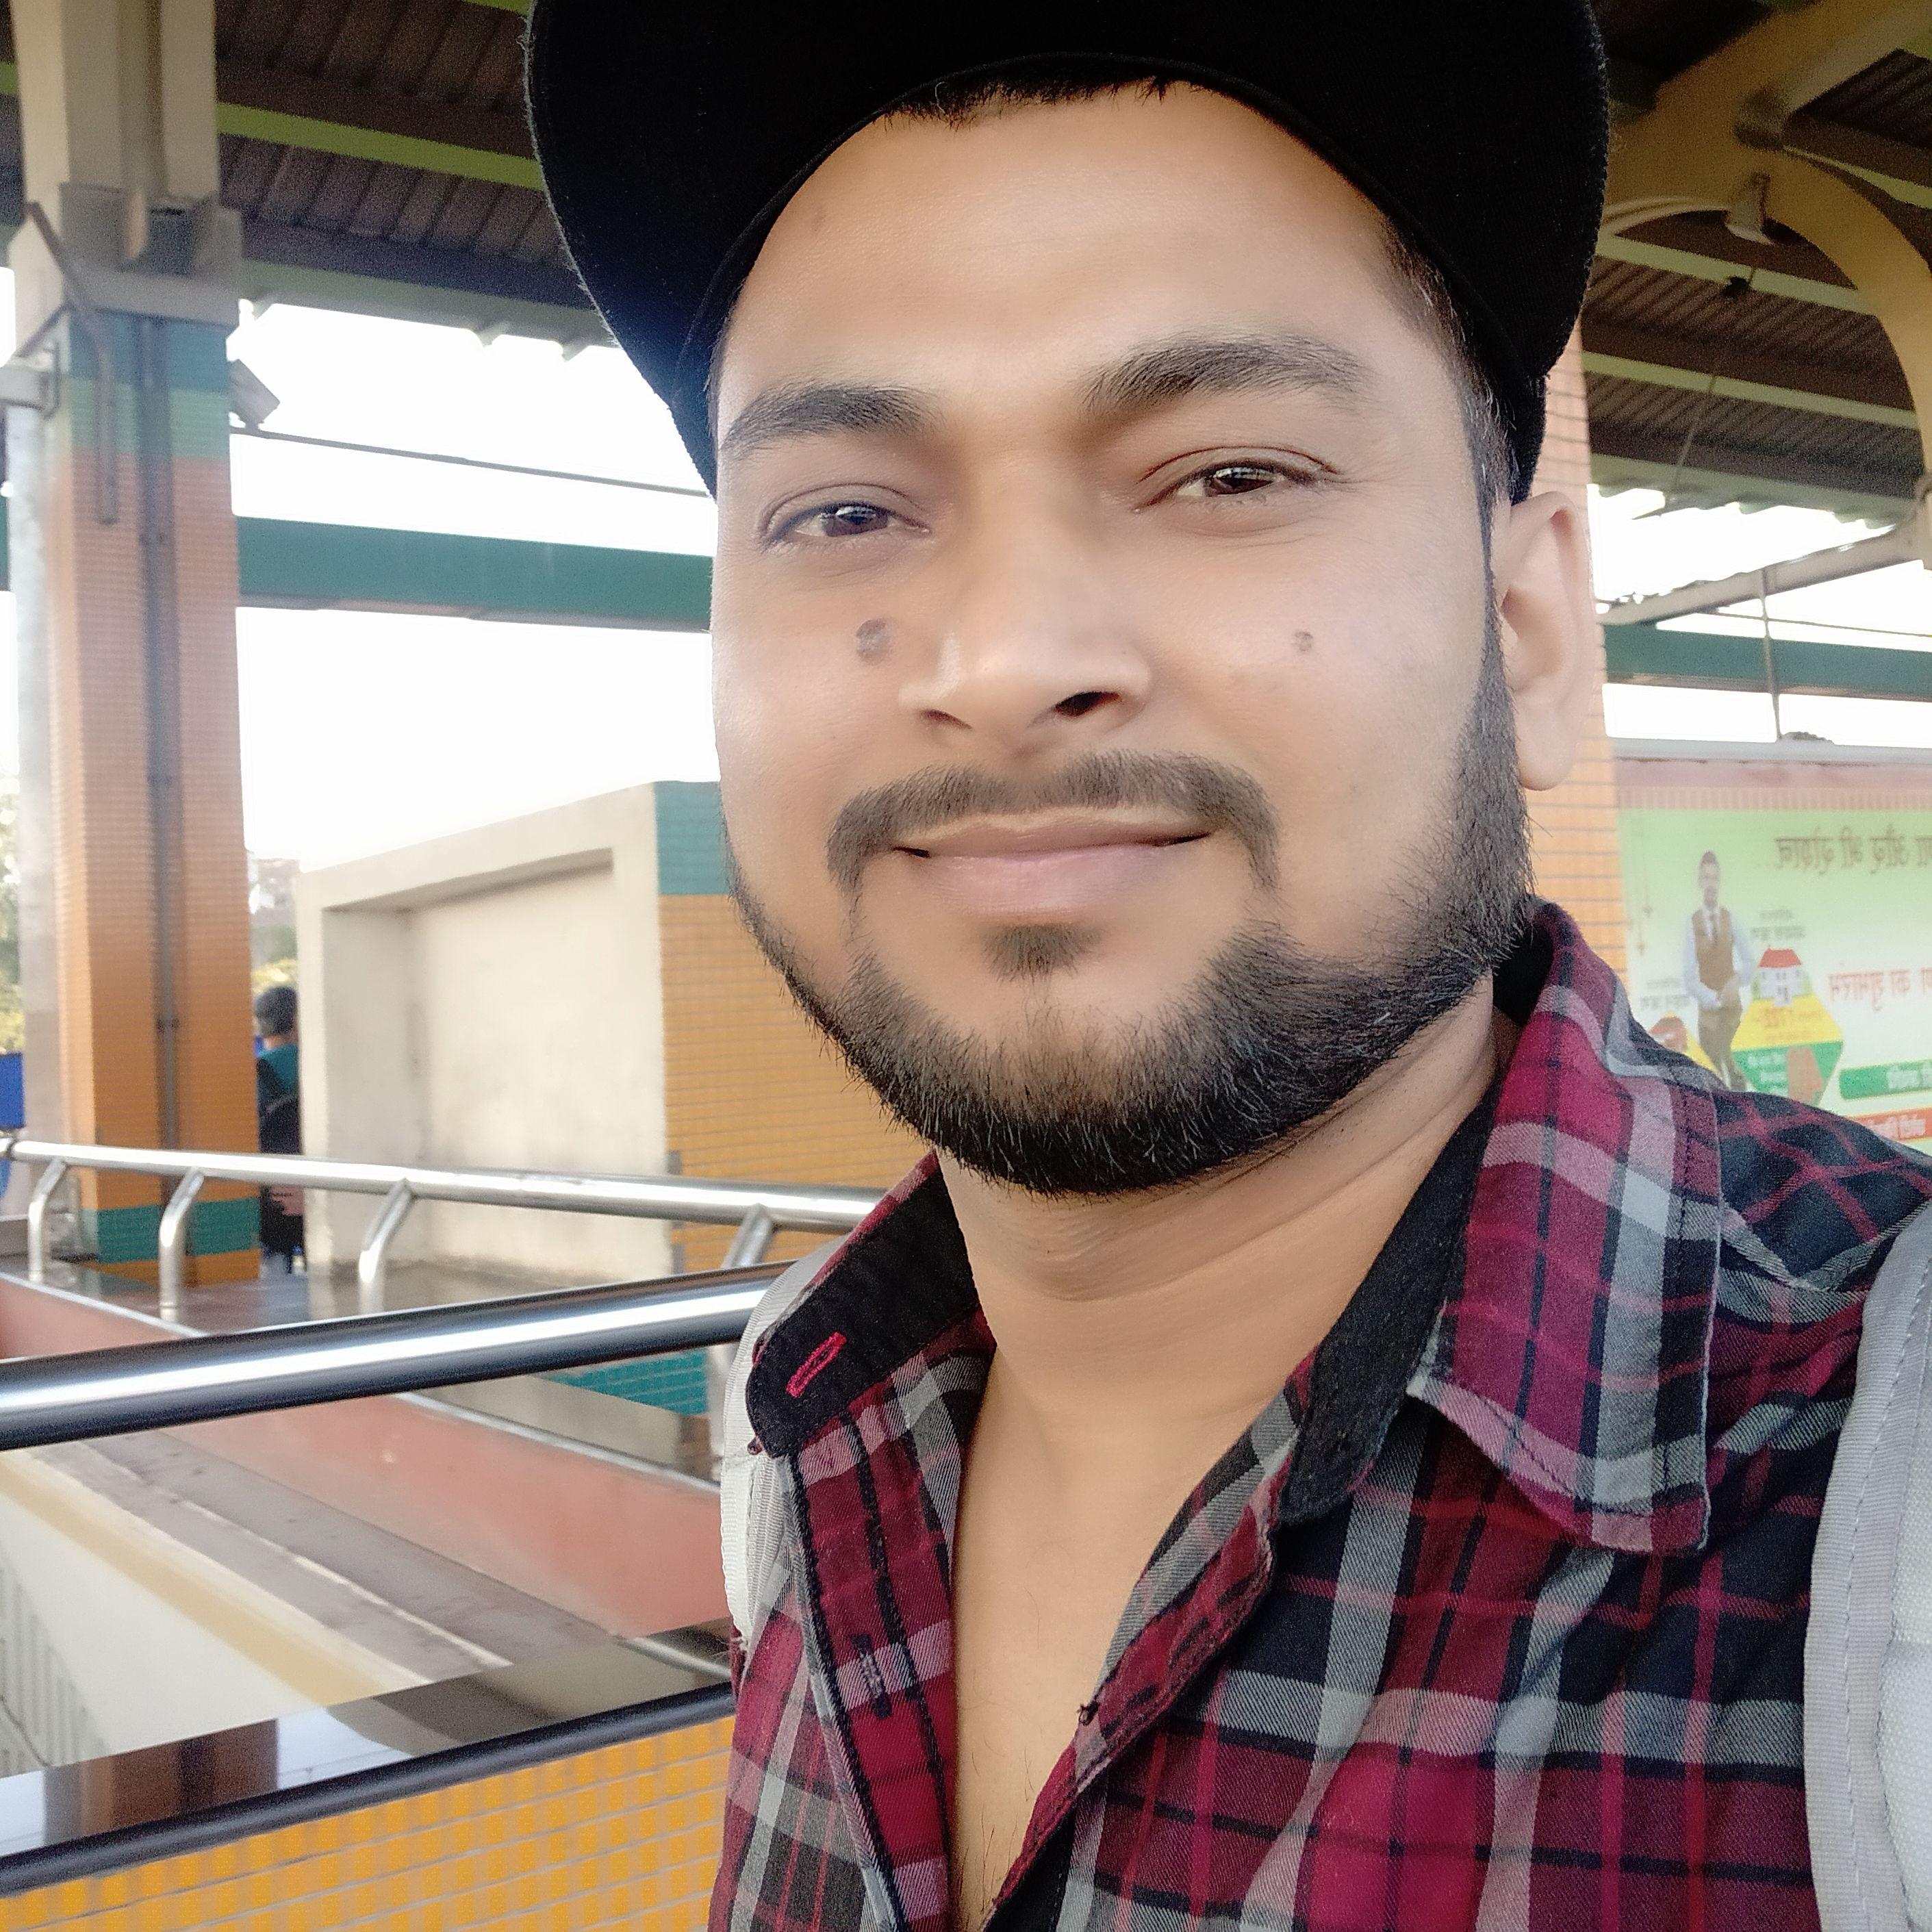 Modassir Ashraf